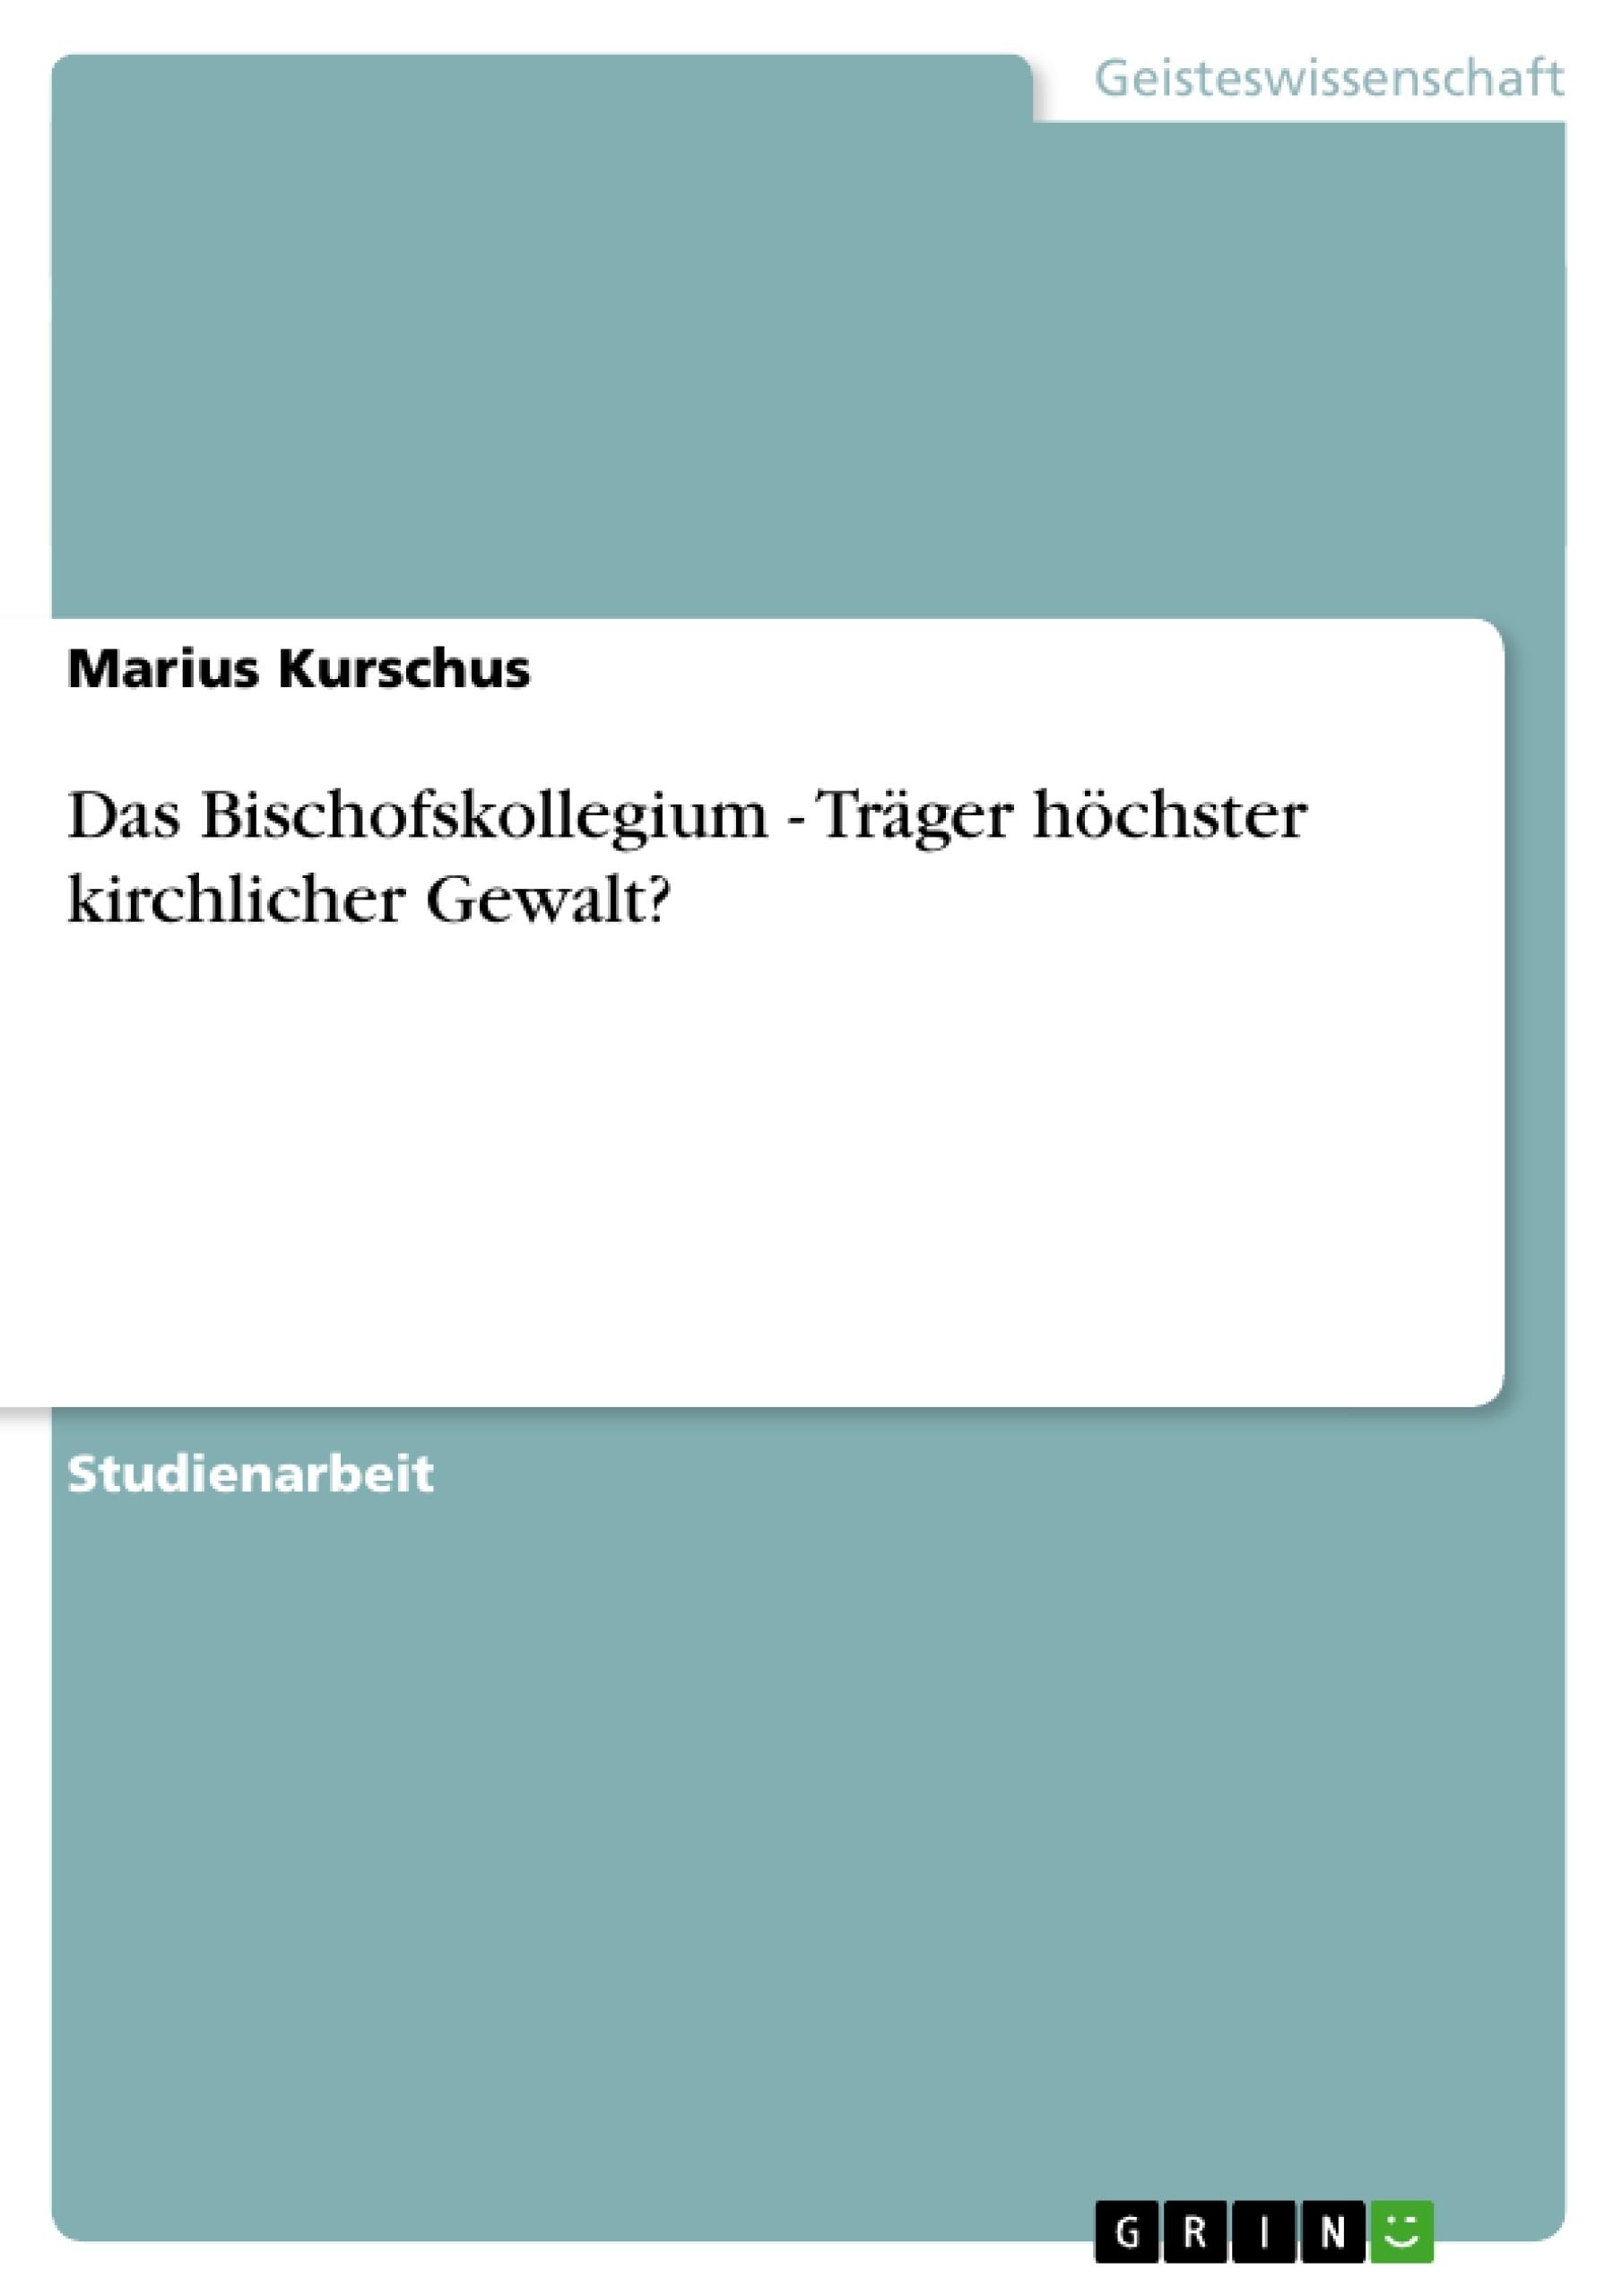 Titel: Das Bischofskollegium - Träger höchster kirchlicher Gewalt?